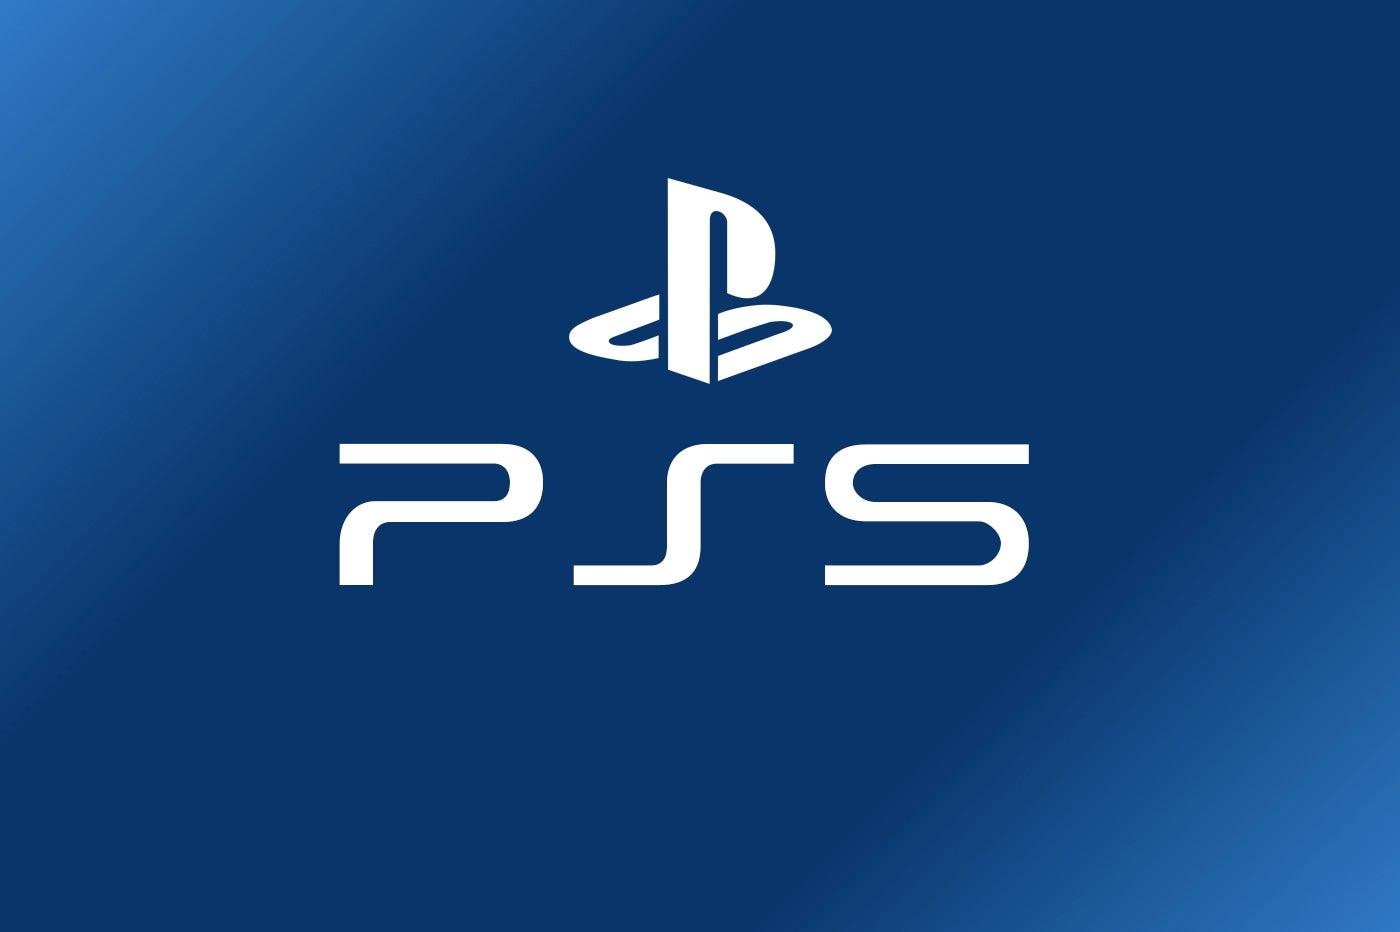 Слух дня: Анонс Sony PlayStation 5 состоится 5 февраля